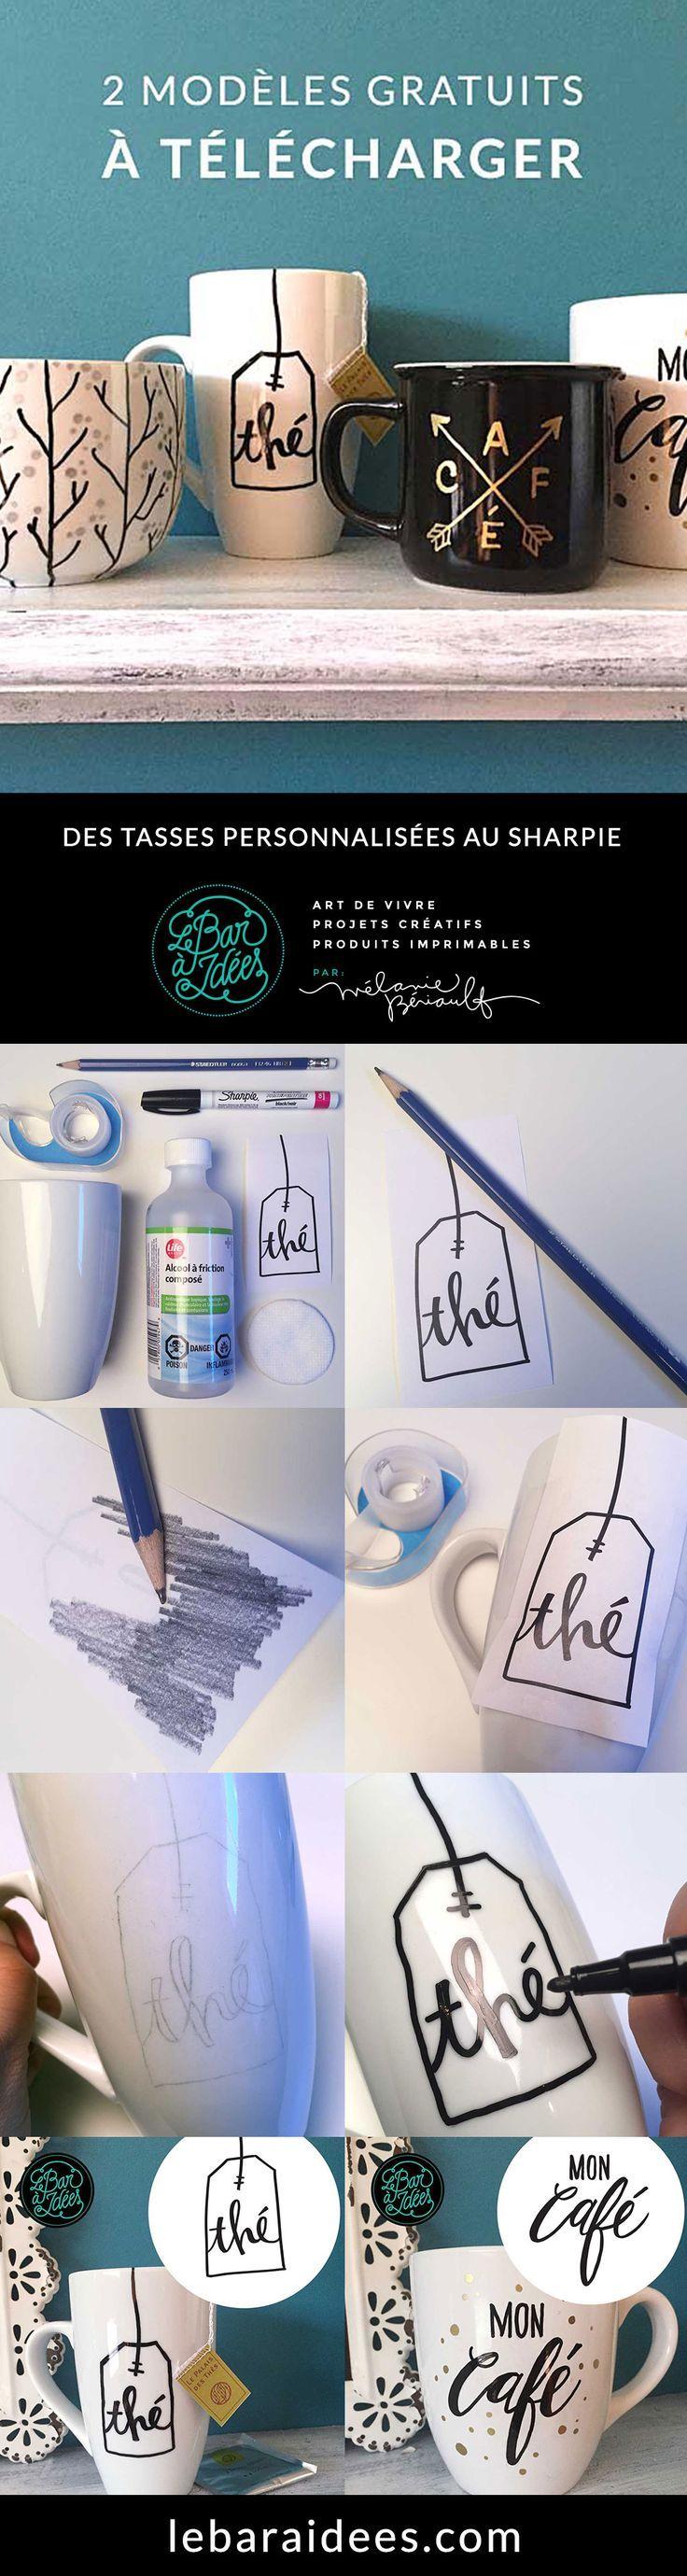 Personnaliser des tasses à l'aide de marqueurs Sharpie + 2 modèles à télécharger gratuitement. - Sharpie Mug + free design download.